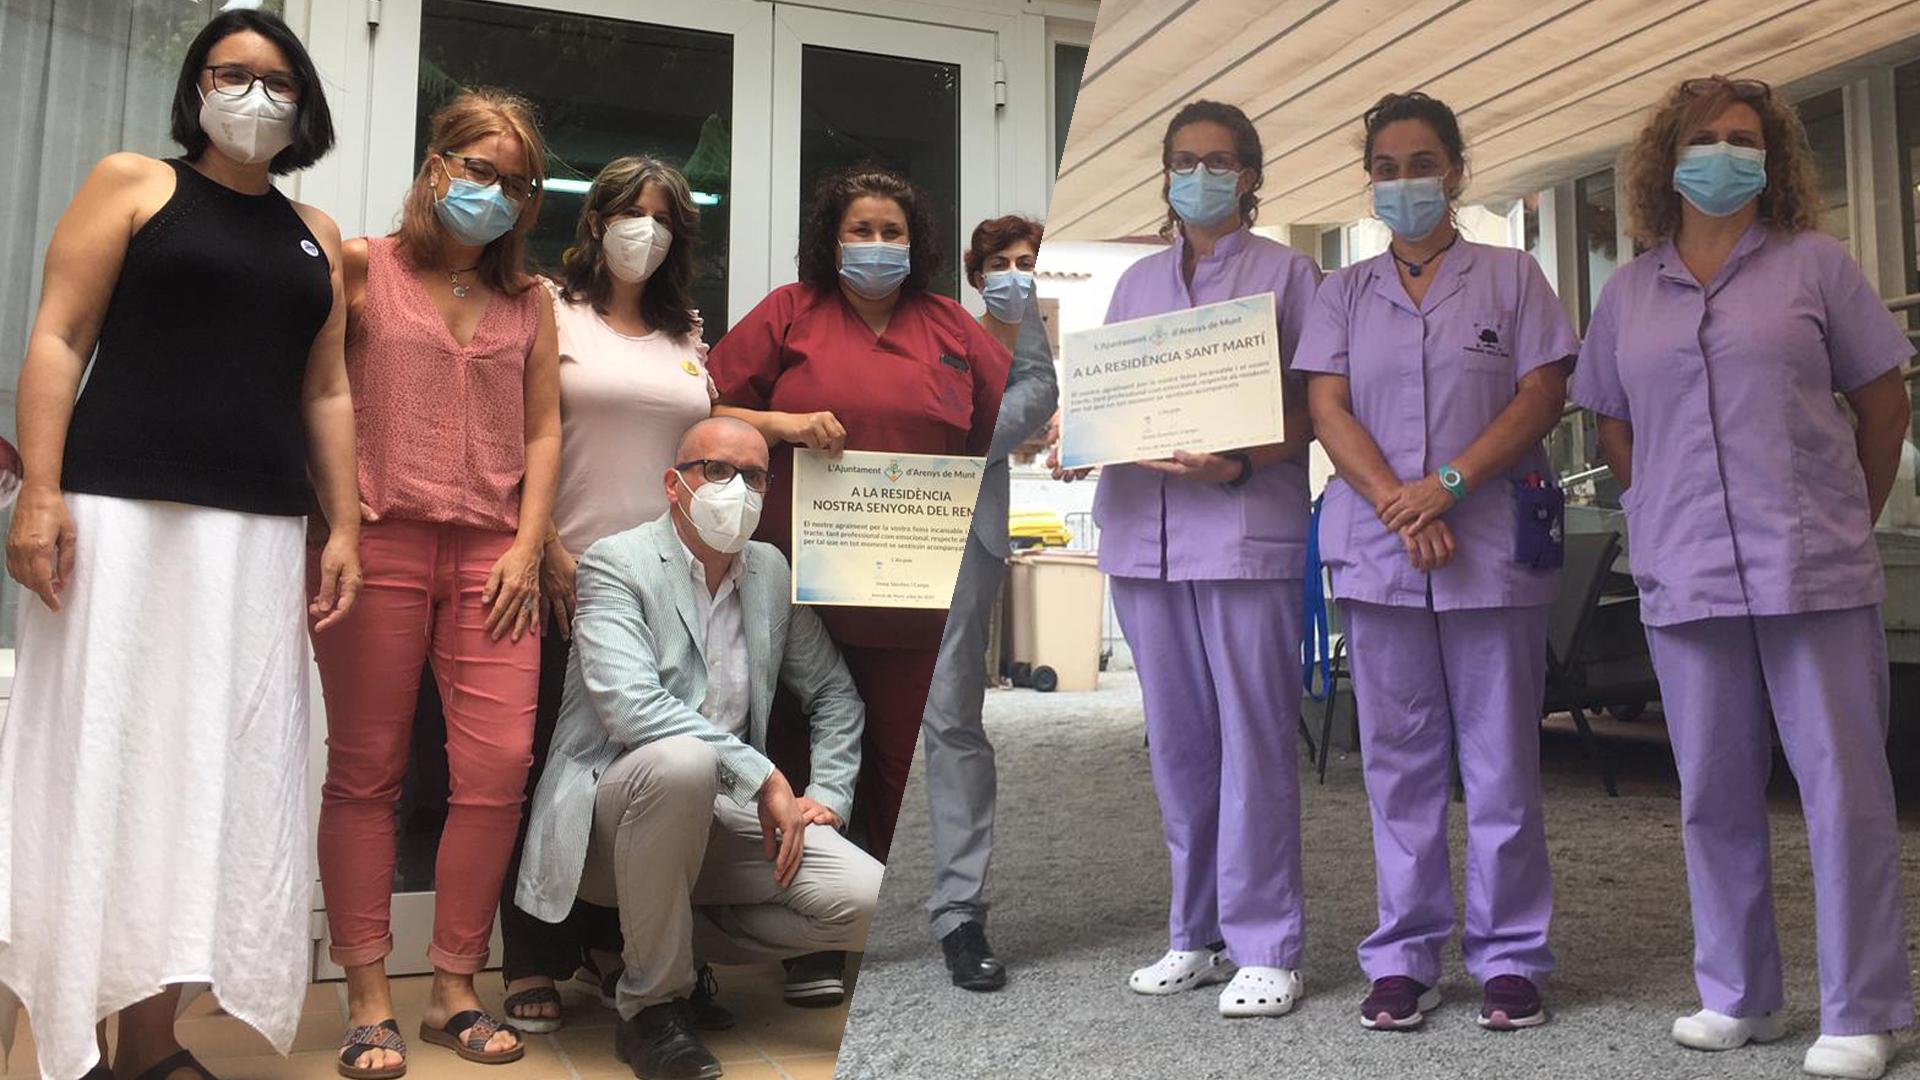 NOU REPORTATGE: Homenatge al personal de les residències per la seva tasca durant la pandèmia de la COVID-19